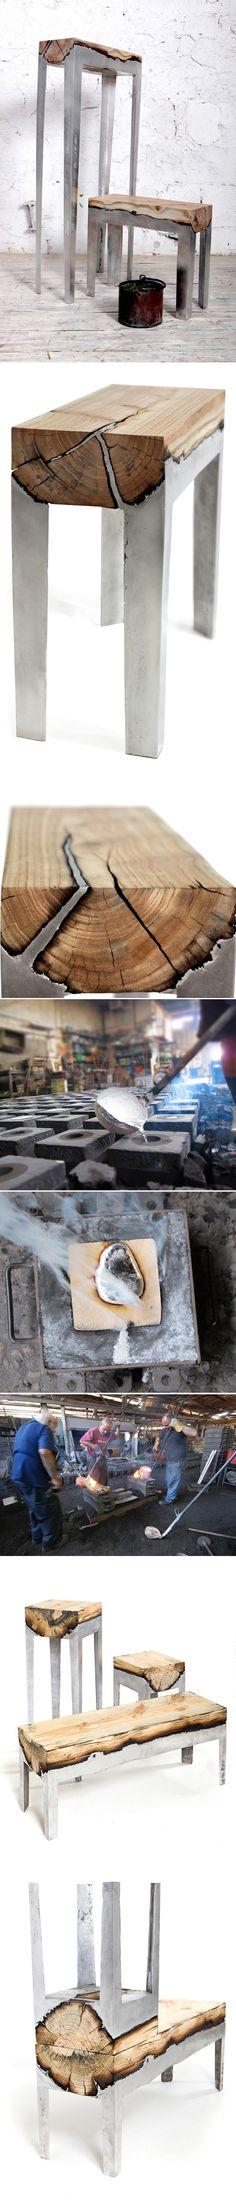 wood casting par Hilla Shamia